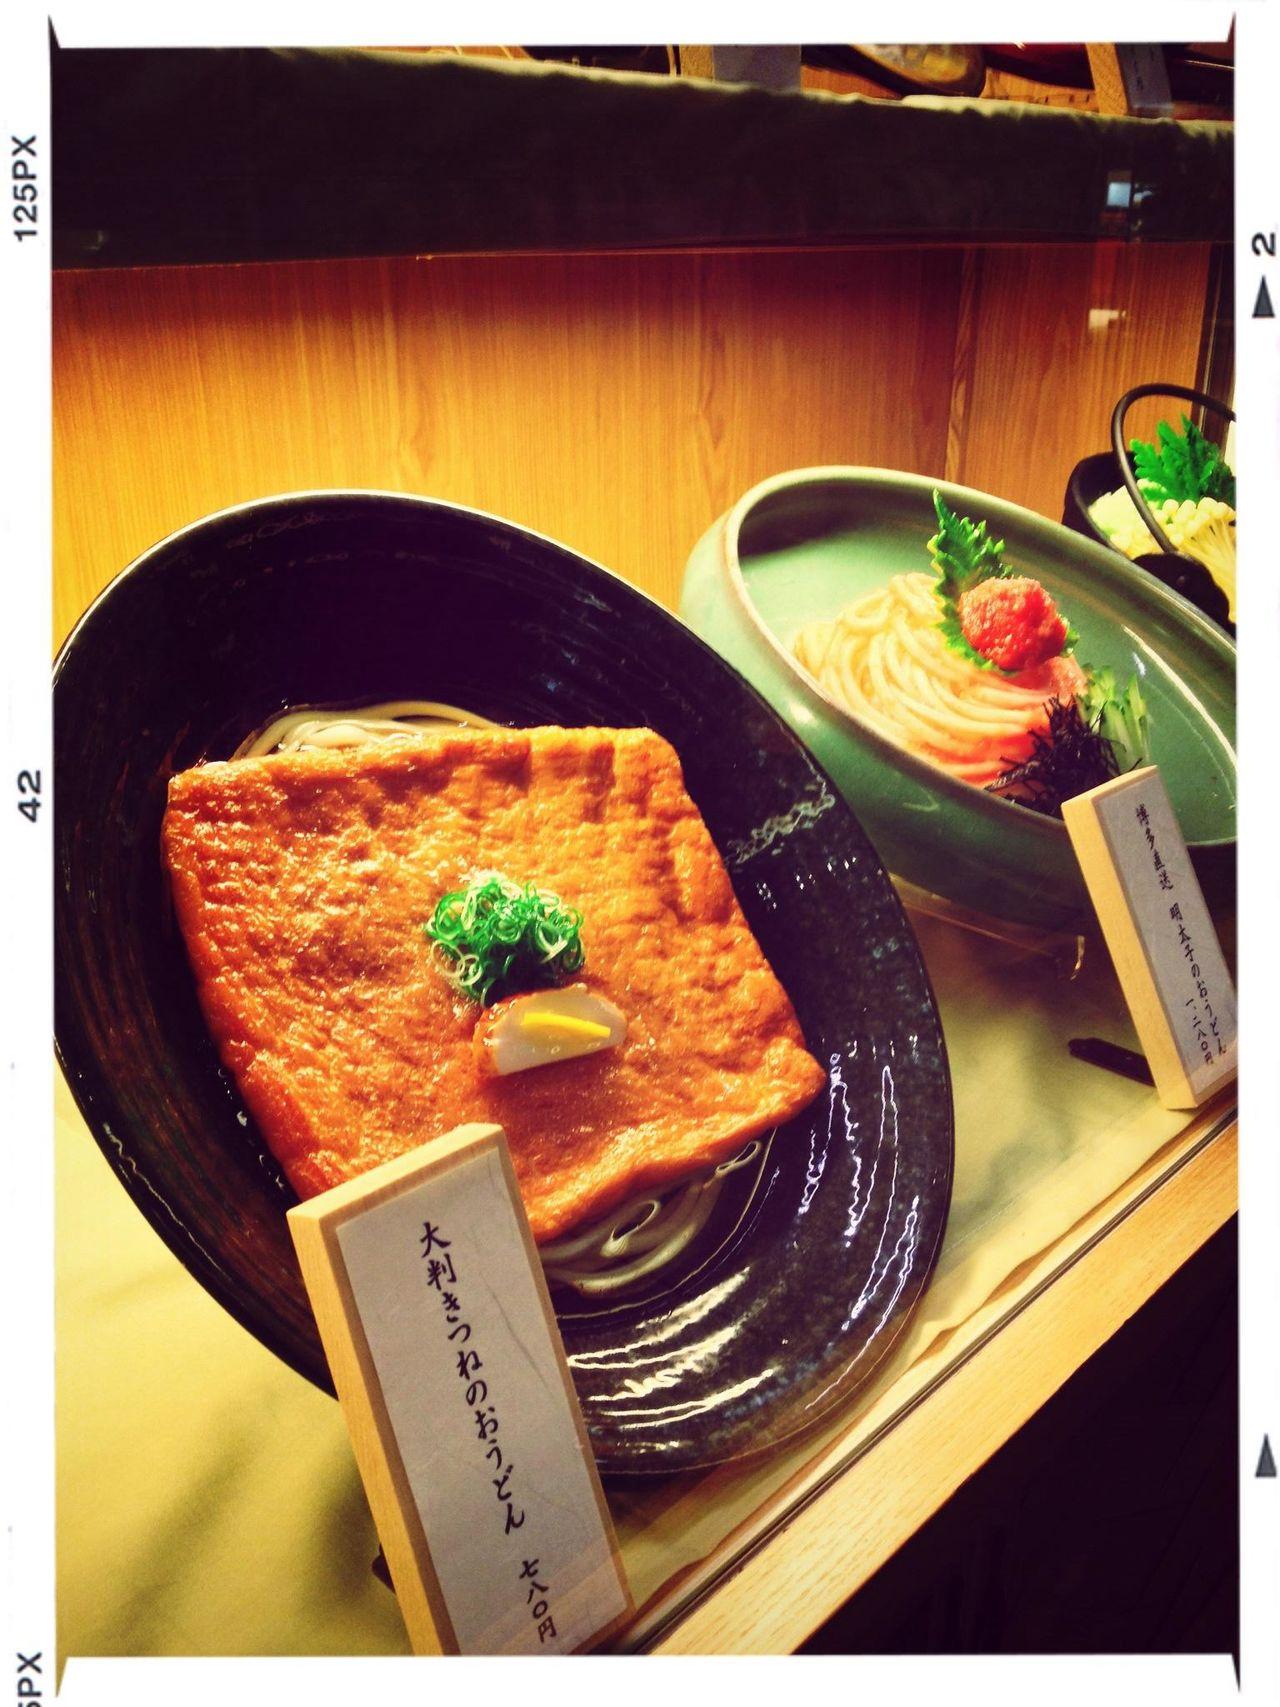 Food Japanese Food Noodles つるとんたんは、やっぱりきつねうどんが一番!